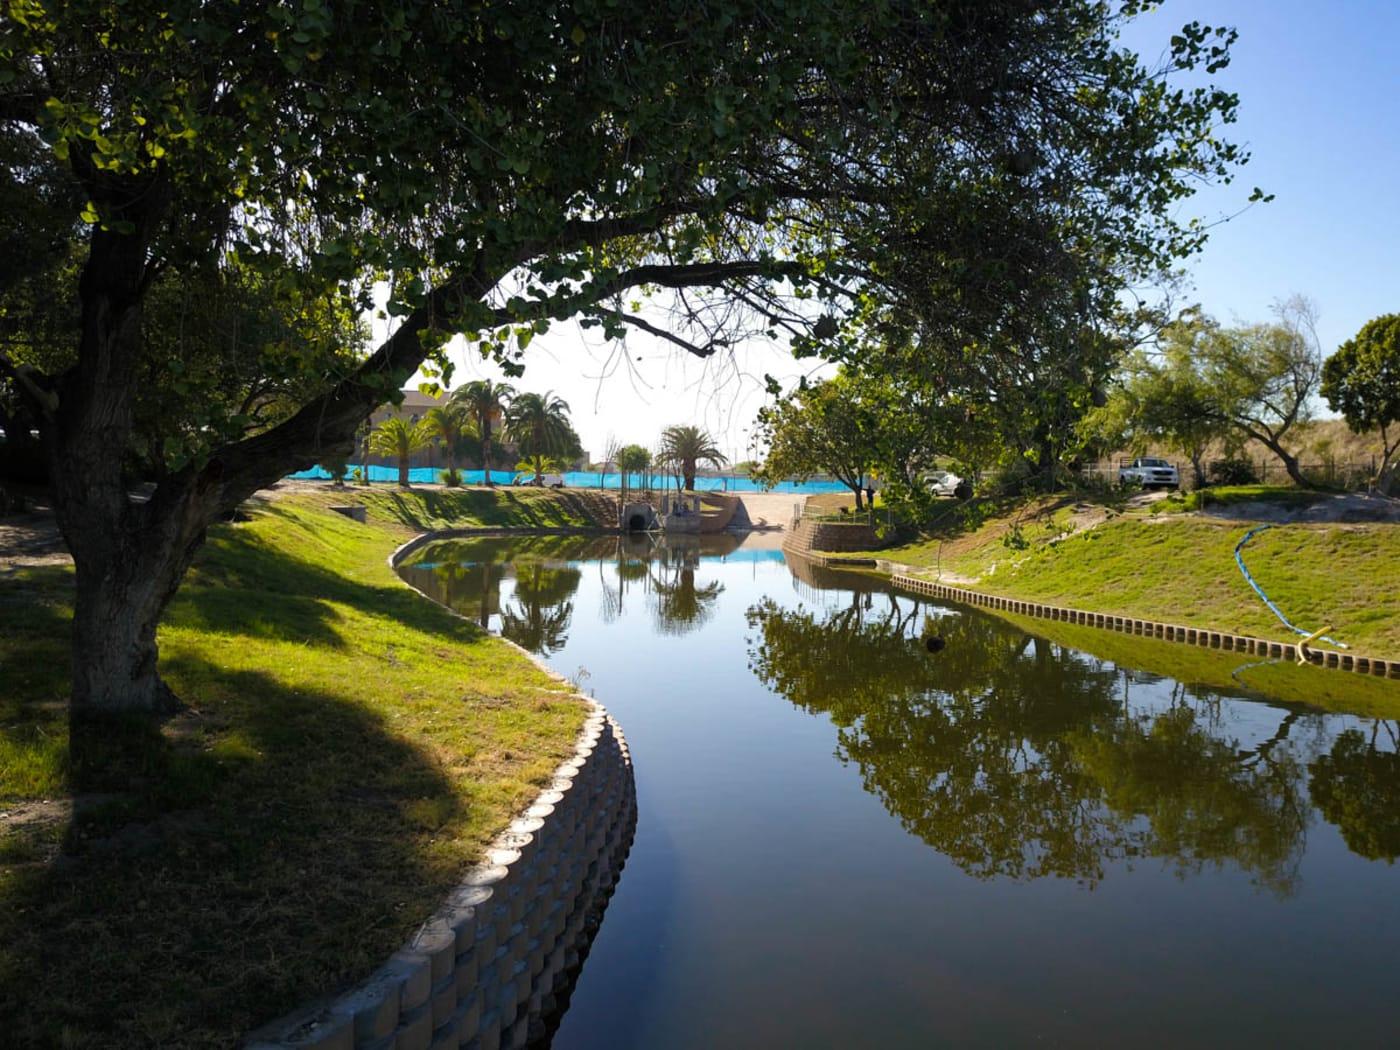 CPUT: Bellville Campus - Stormwater Retention Pond